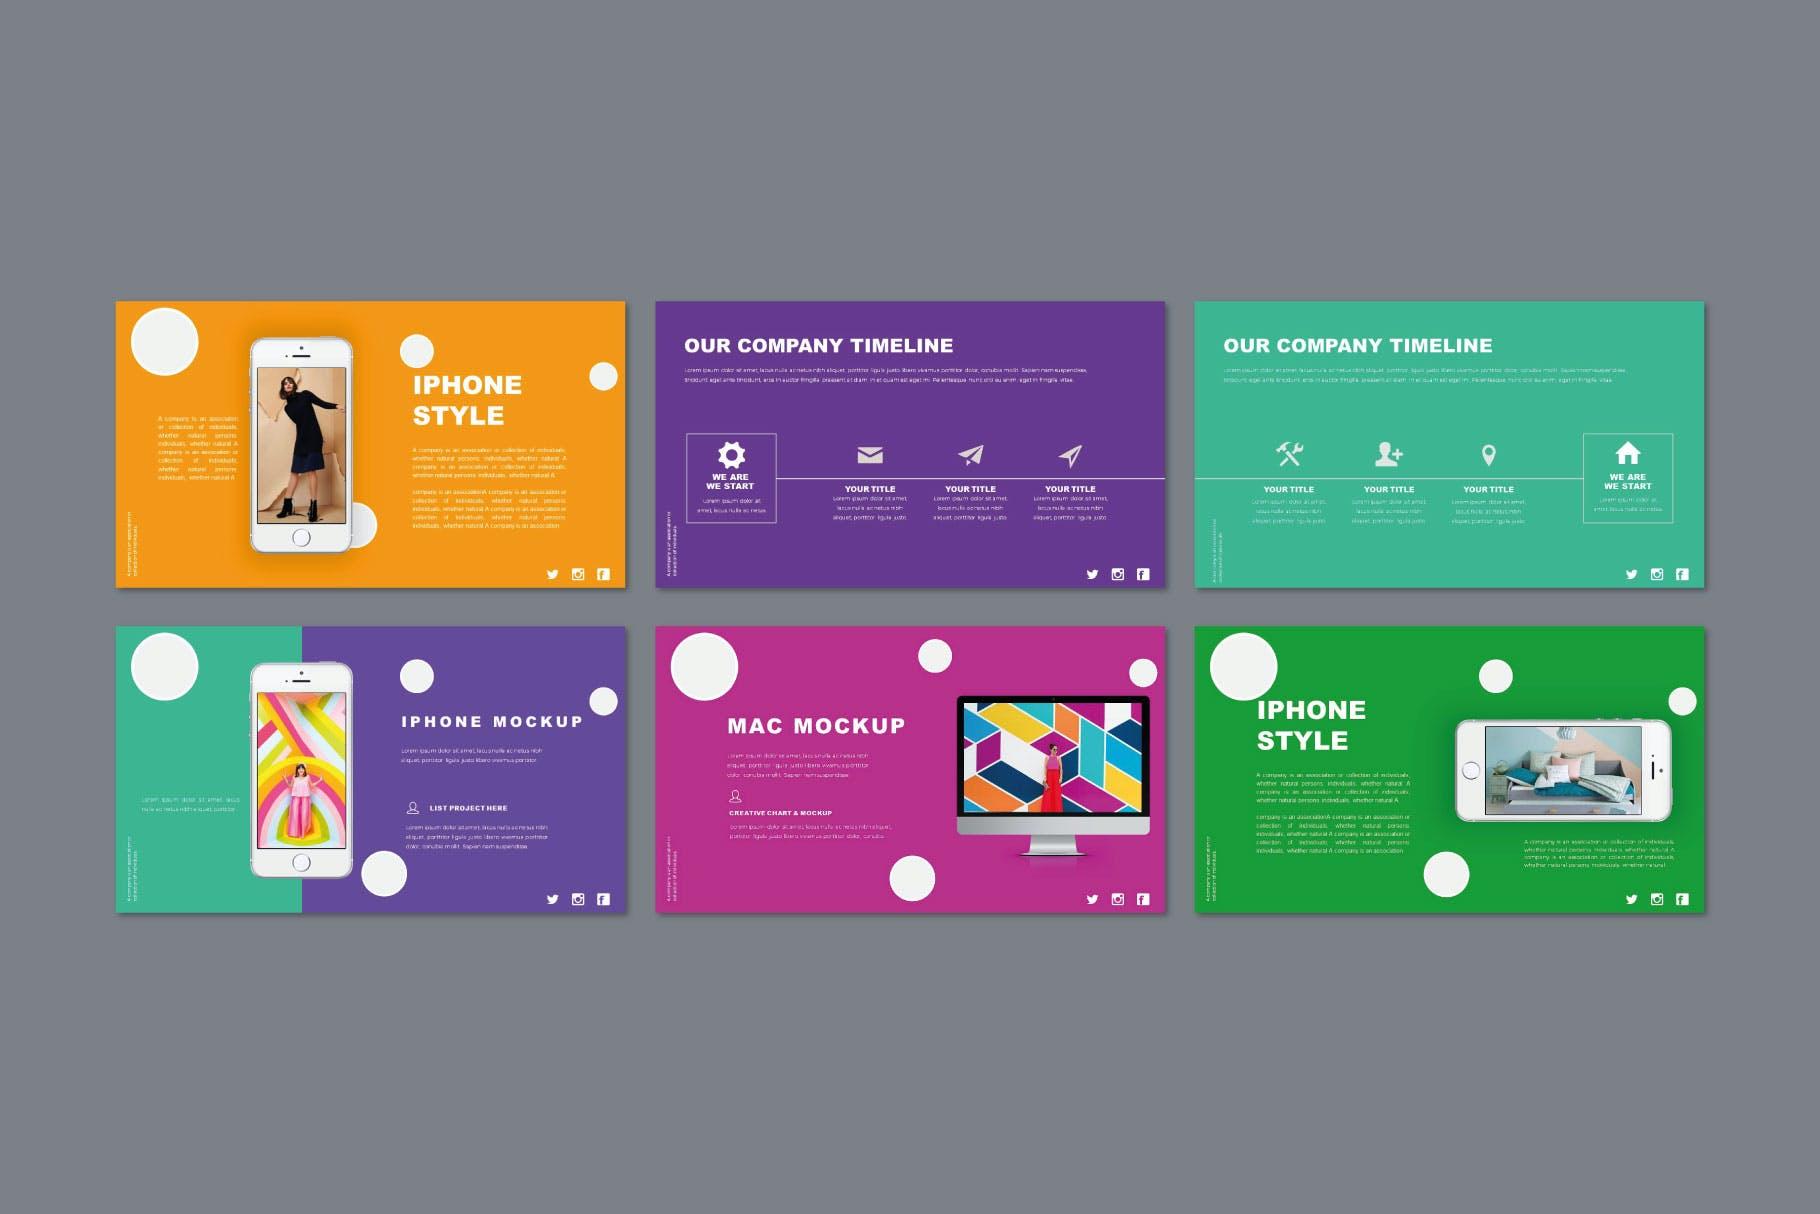 时尚极简产品营销演示文稿设计模板素材 Misya – Powerpoint Template插图8